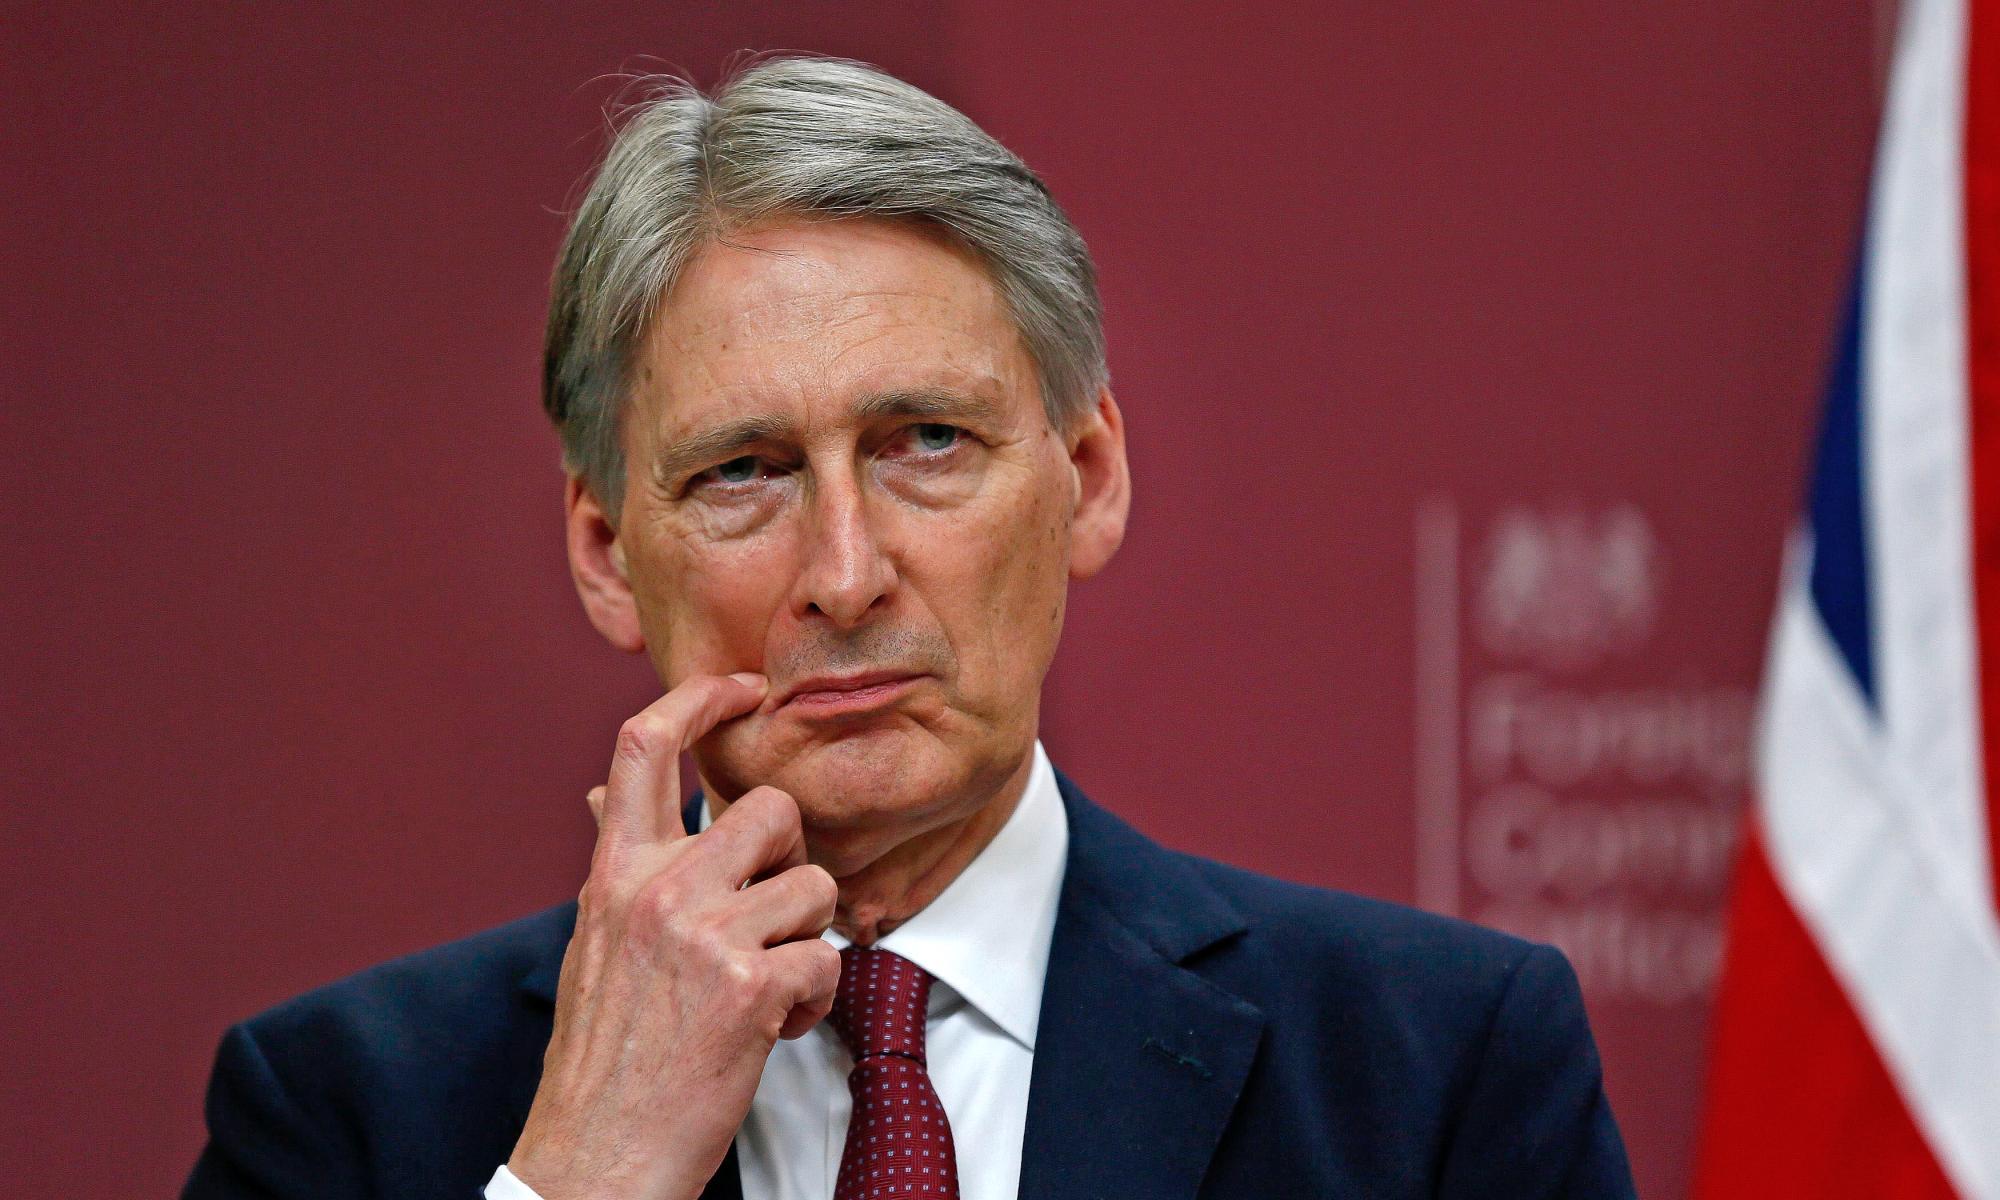 فيليب هاموند وزير خارجية بريطانيا